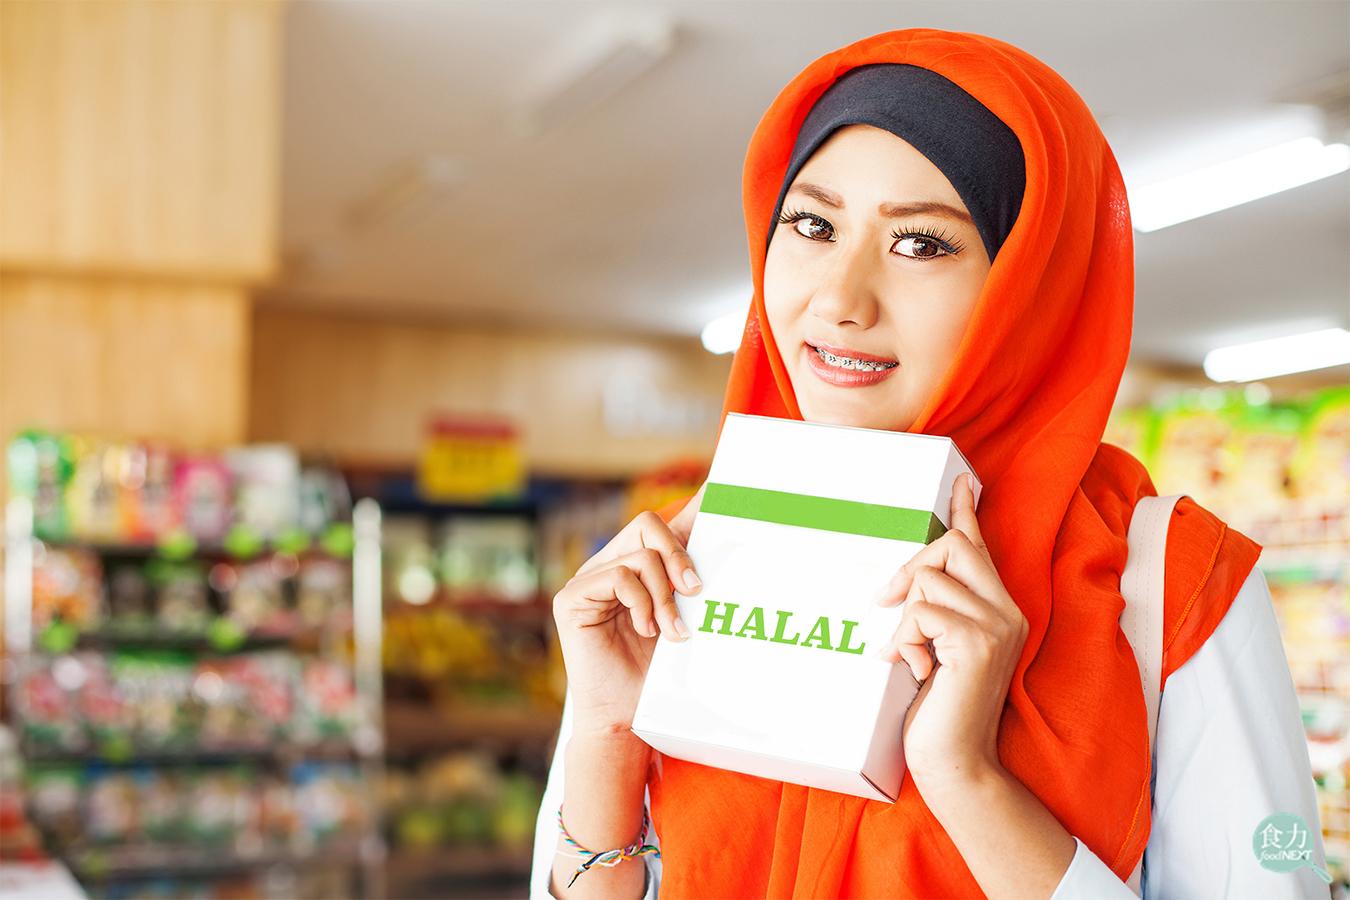 【TGA x 食力】食品業新南向目標別只鎖定華人!清真市場才是新藍海